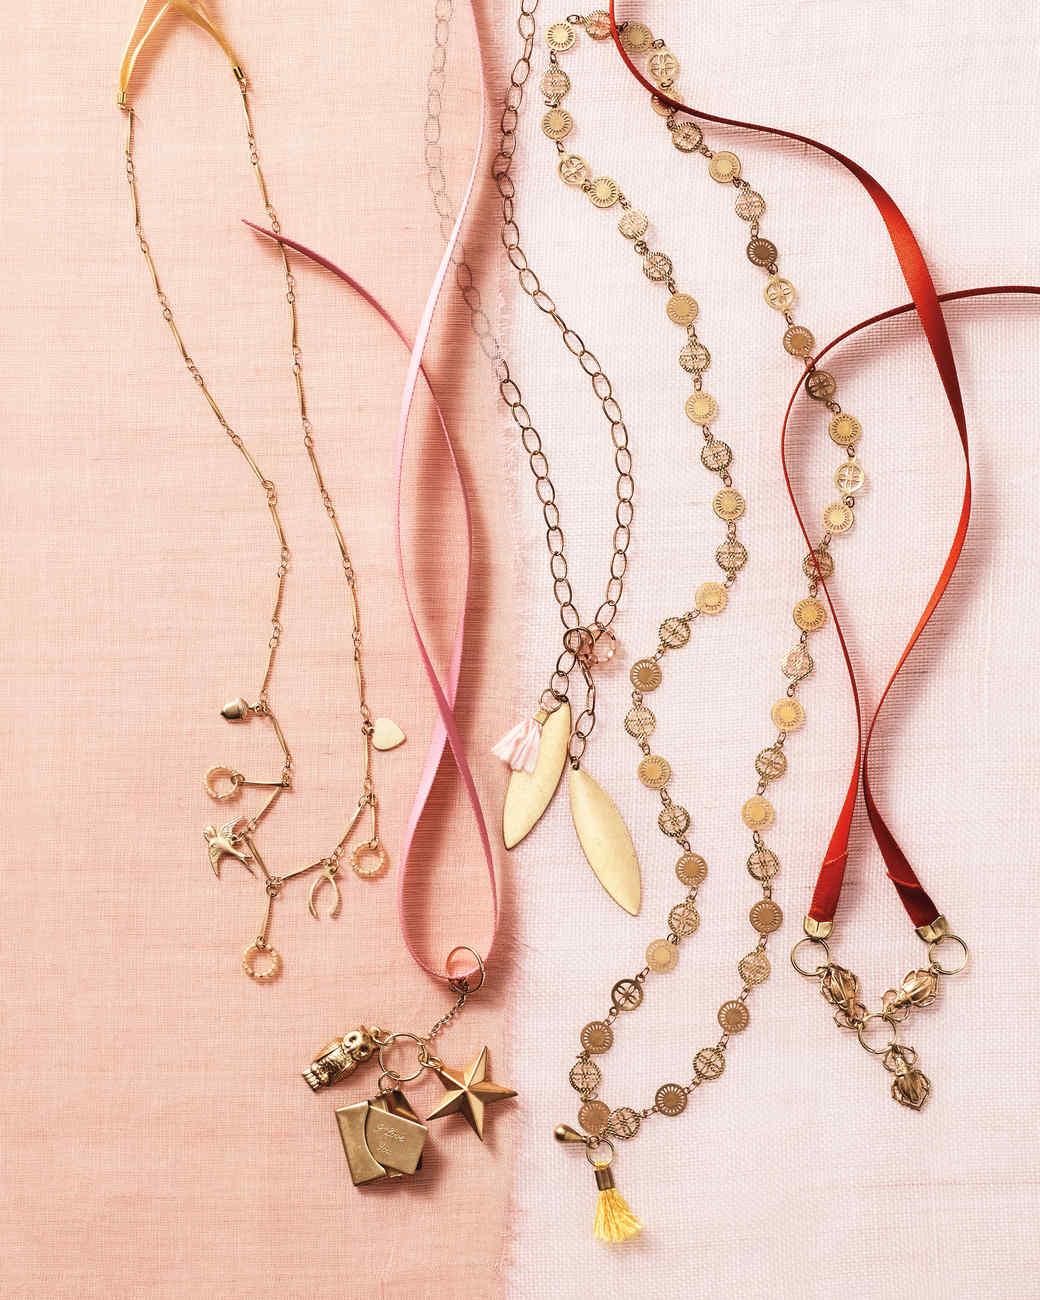 chains-charms-068-d112541.jpg